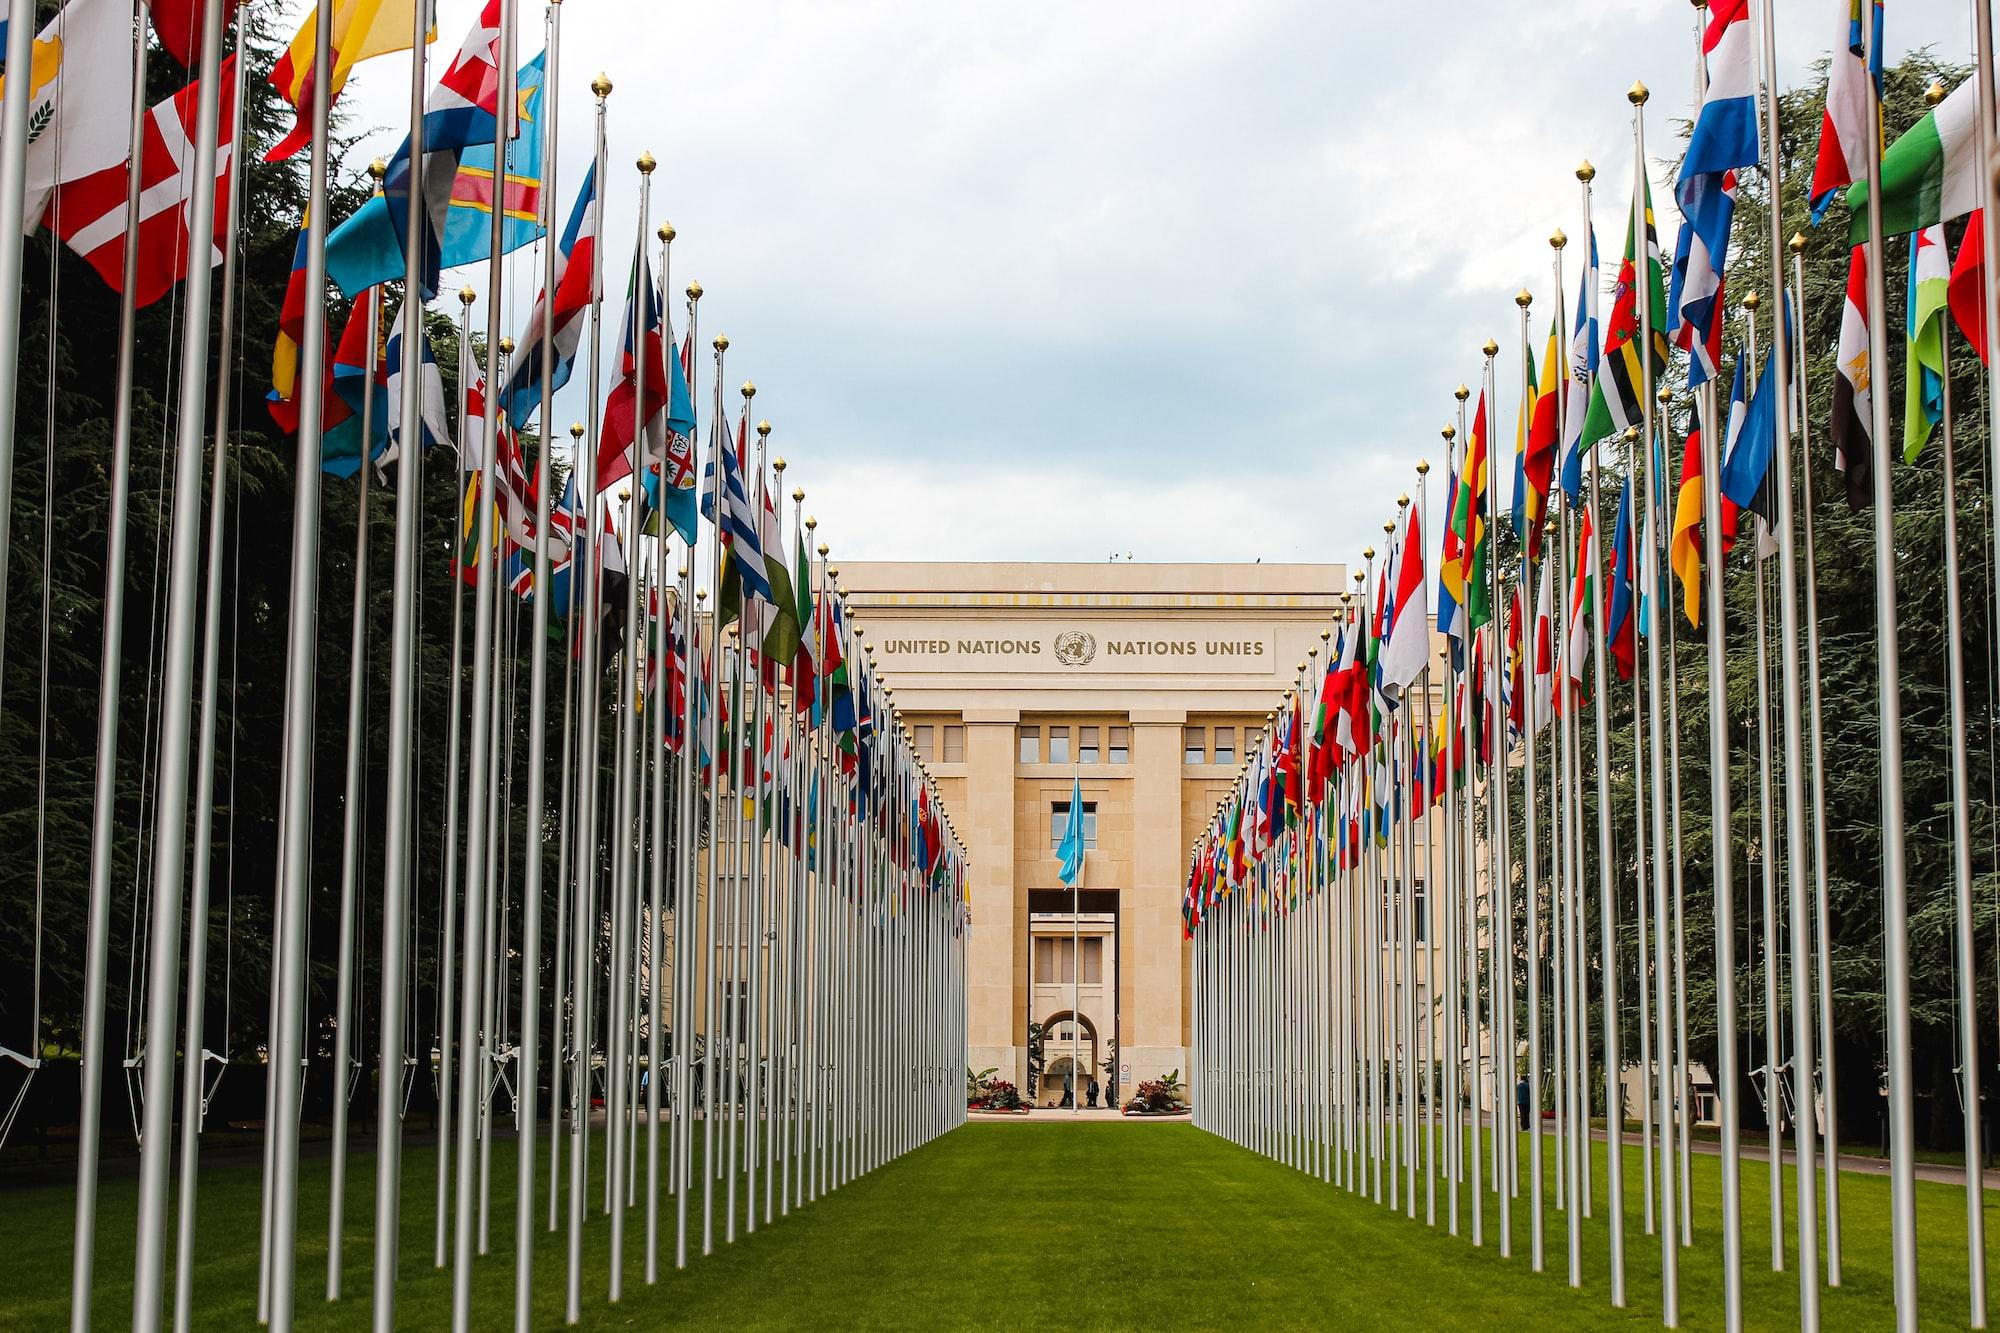 संयुक्त राष्ट्र सुरक्षा परिषद में स्थायी सीट की तलाश में भारत, क्या हैं रुकावटें